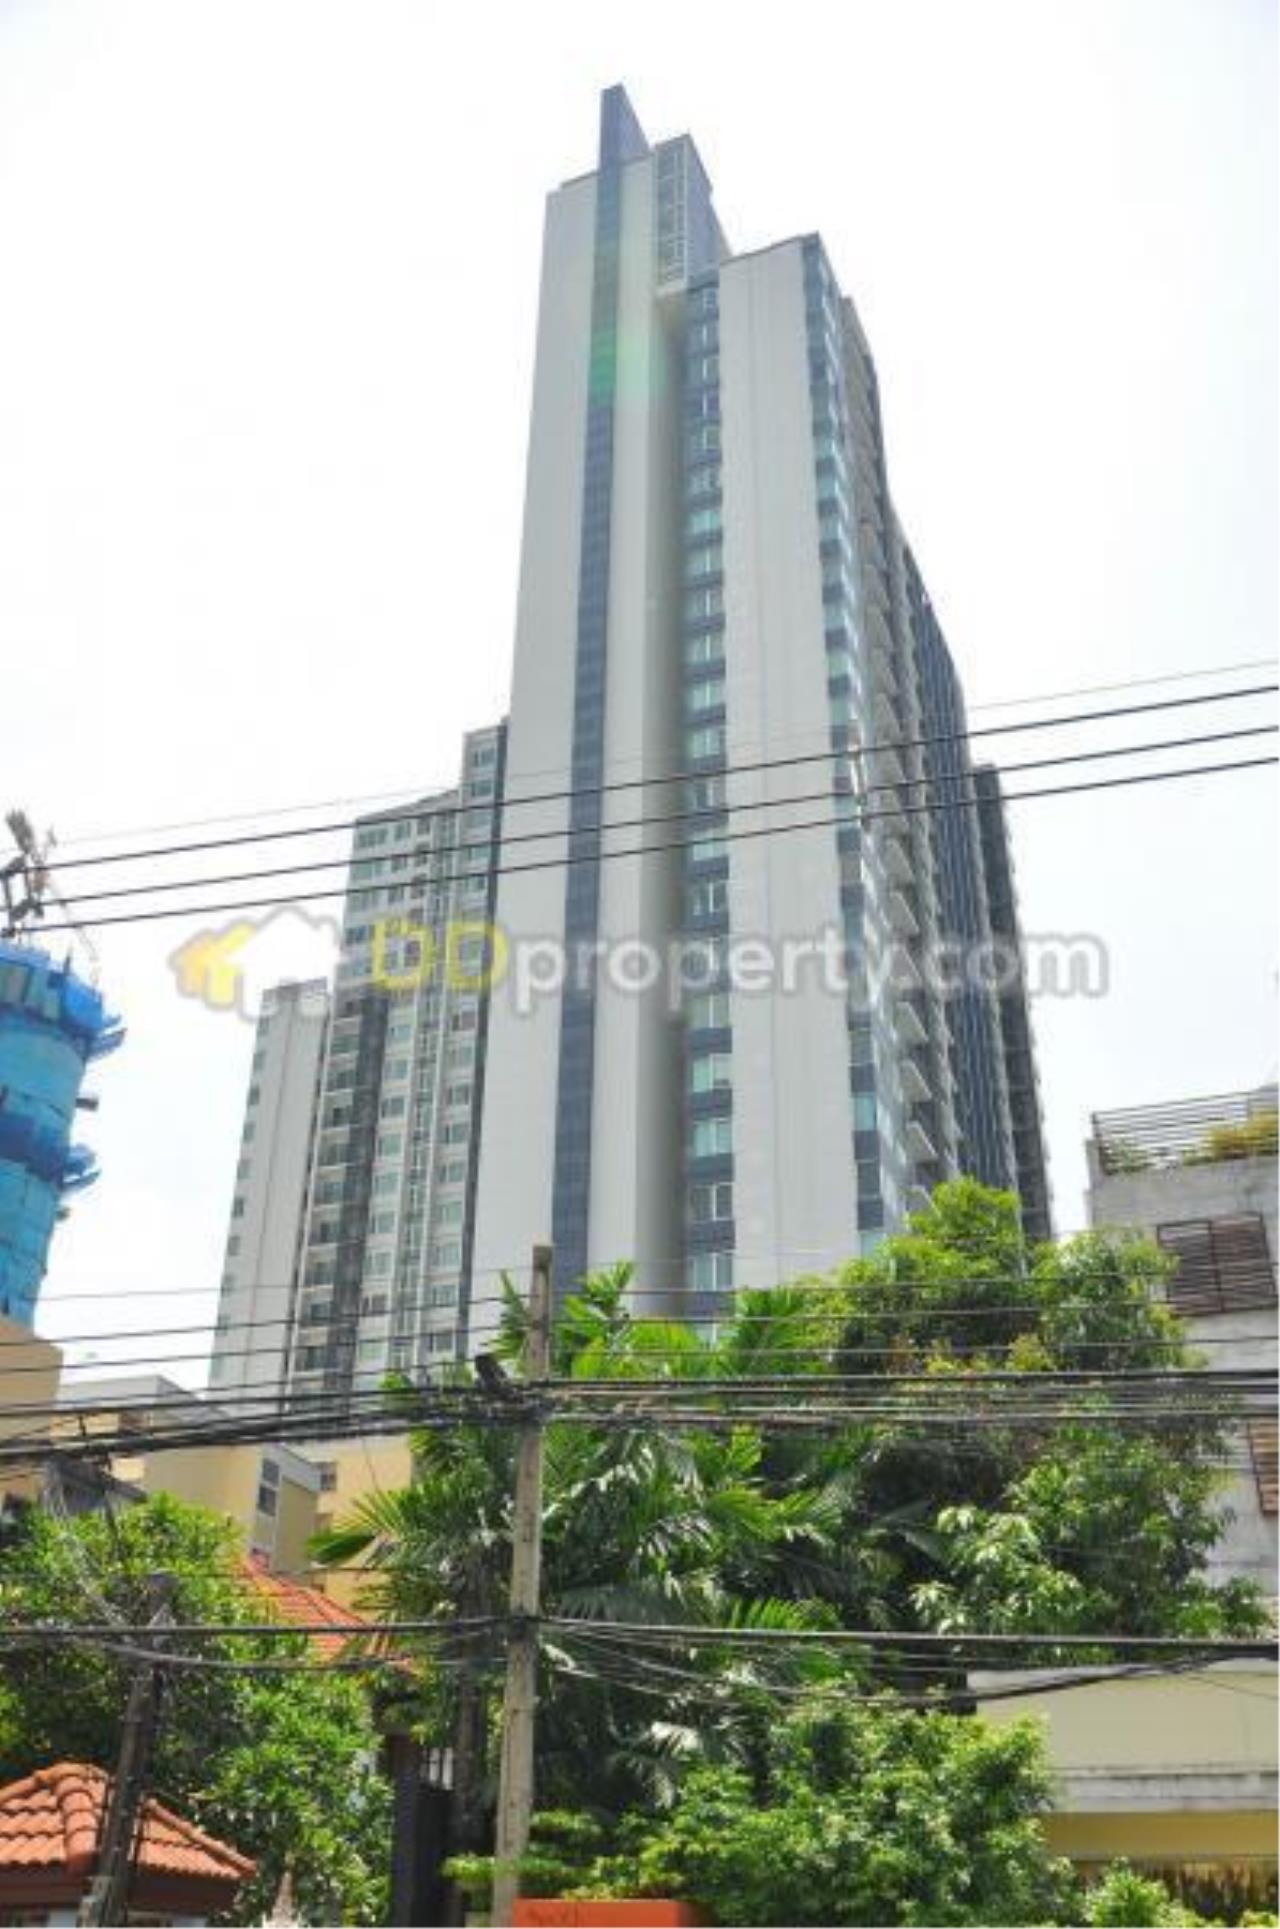 Quality Life Property Agency's R E N T ! SIRI AT SUKHUMVIT | 1 ROOM 1 BATH | 51 SQ. M 1